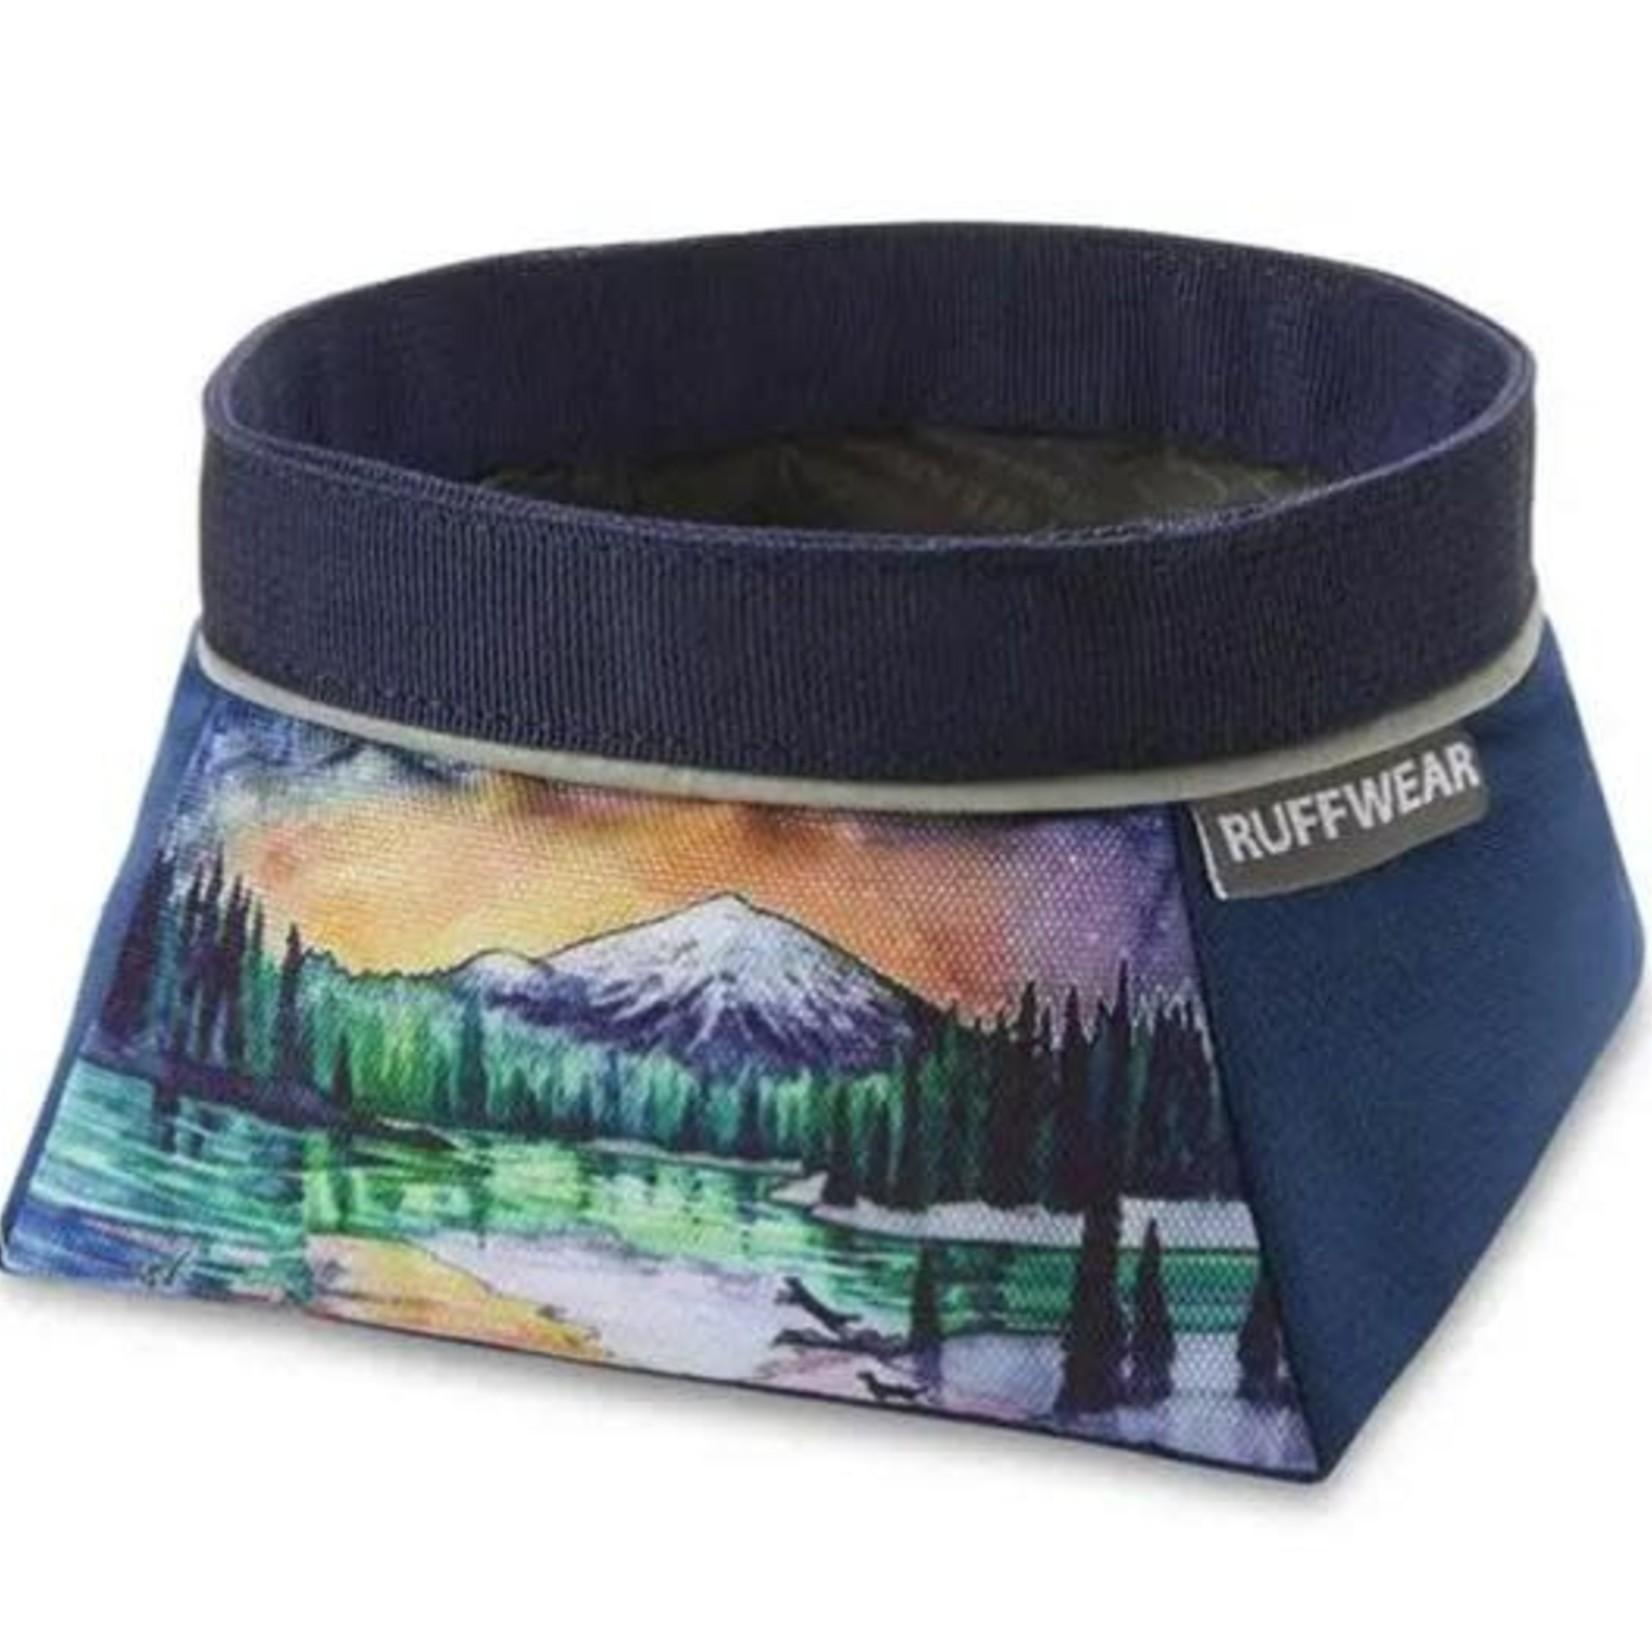 Ruff Wear Ruffwear Artist Series Sparks Lake Quencher Bowl